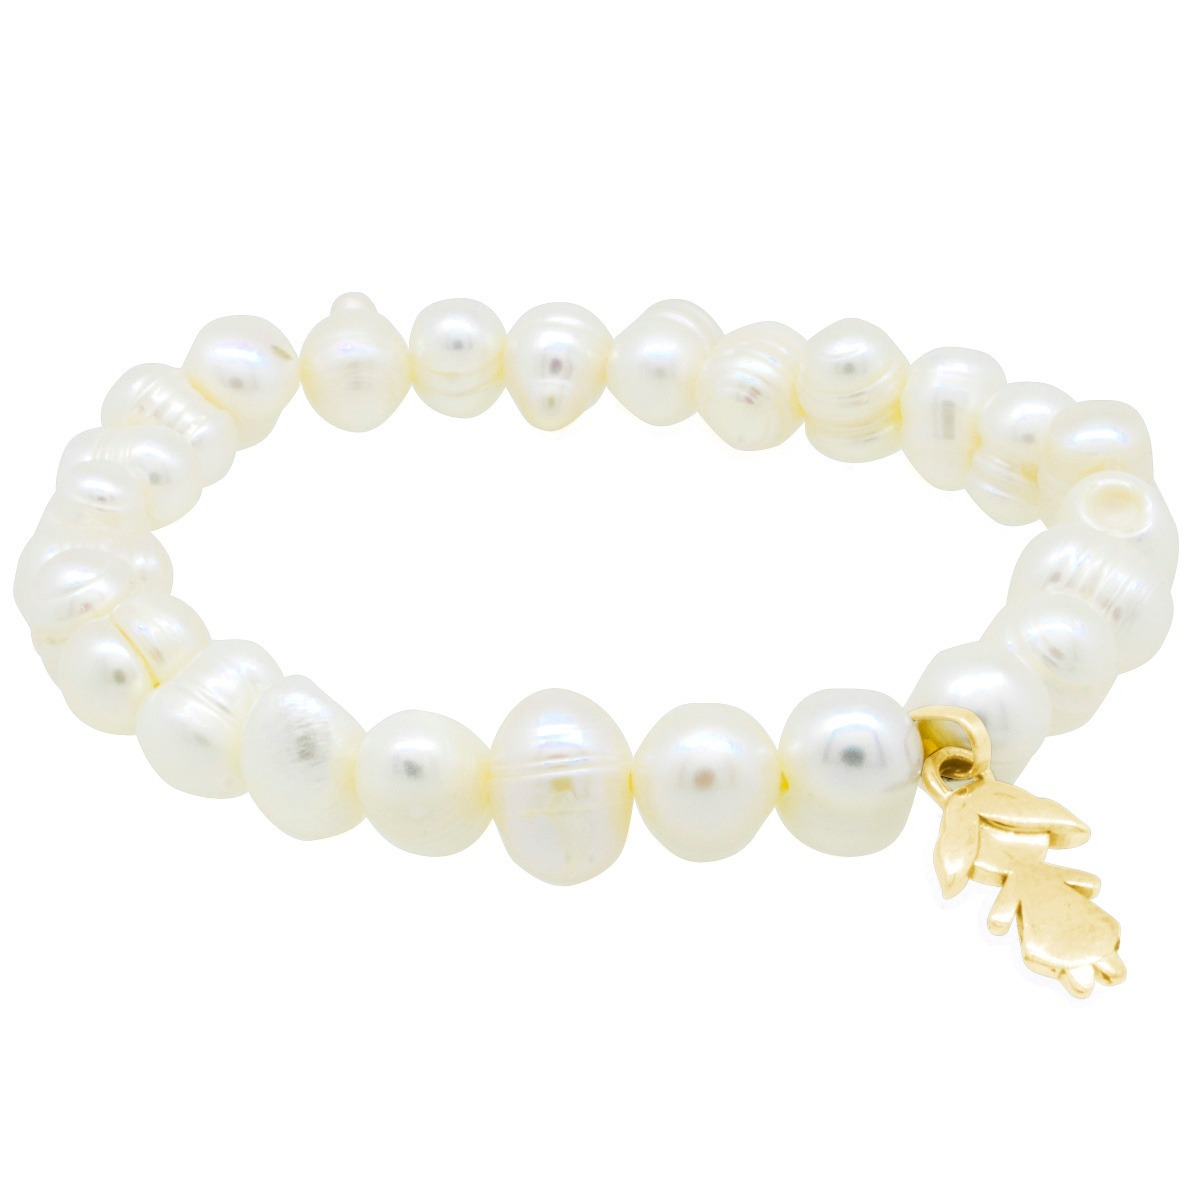 c043dc6164e2 hermosa pulsera perlas dije de niña oro 10k nuni original. Cargando zoom.